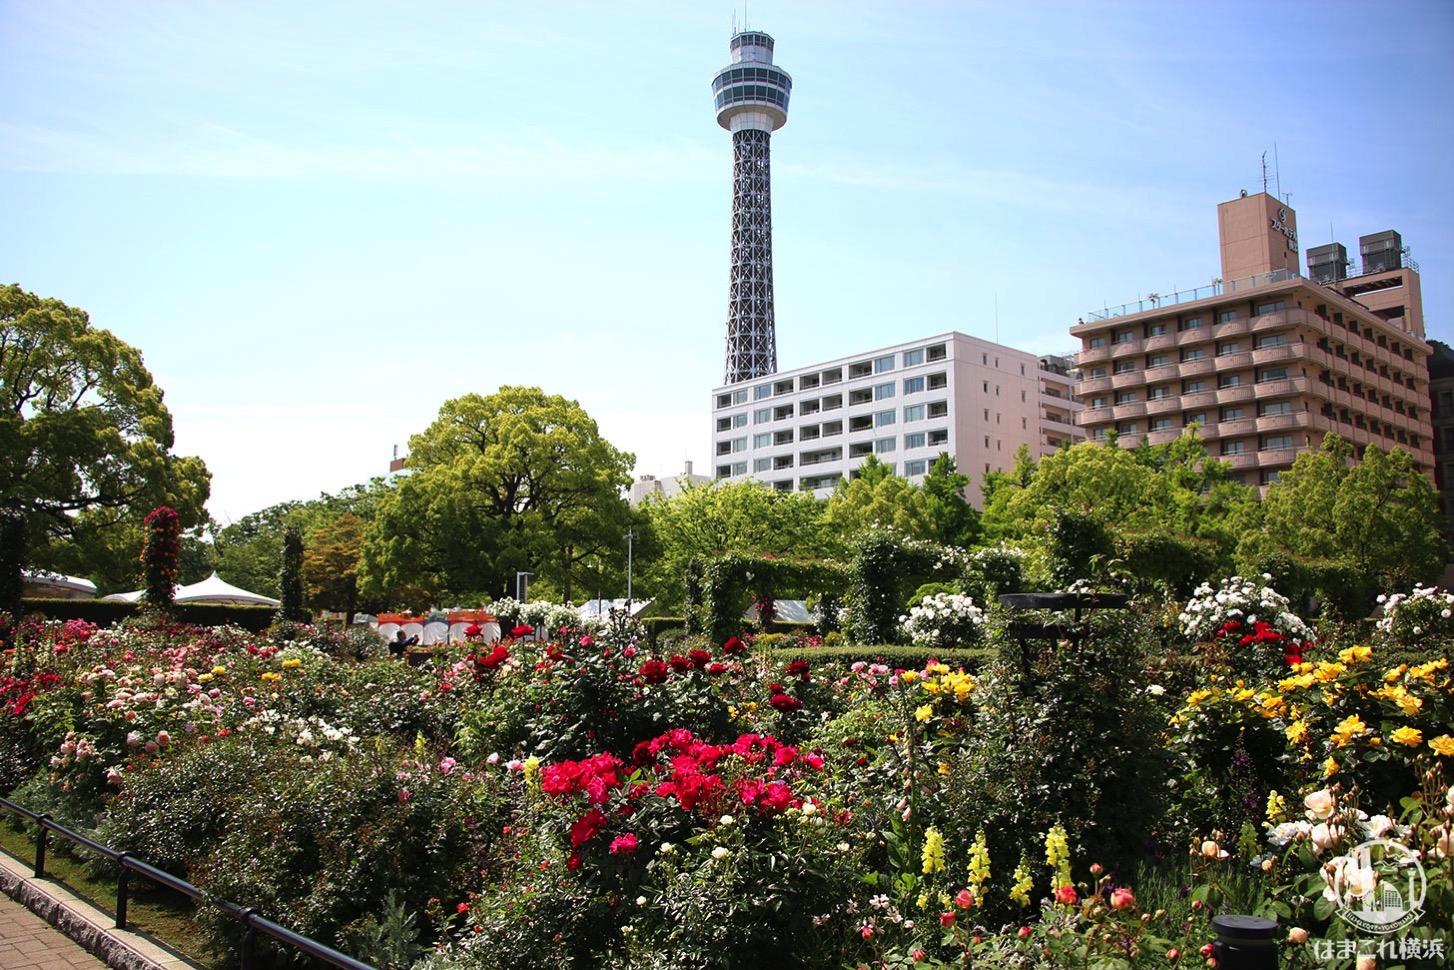 バラと横浜マリンタワー